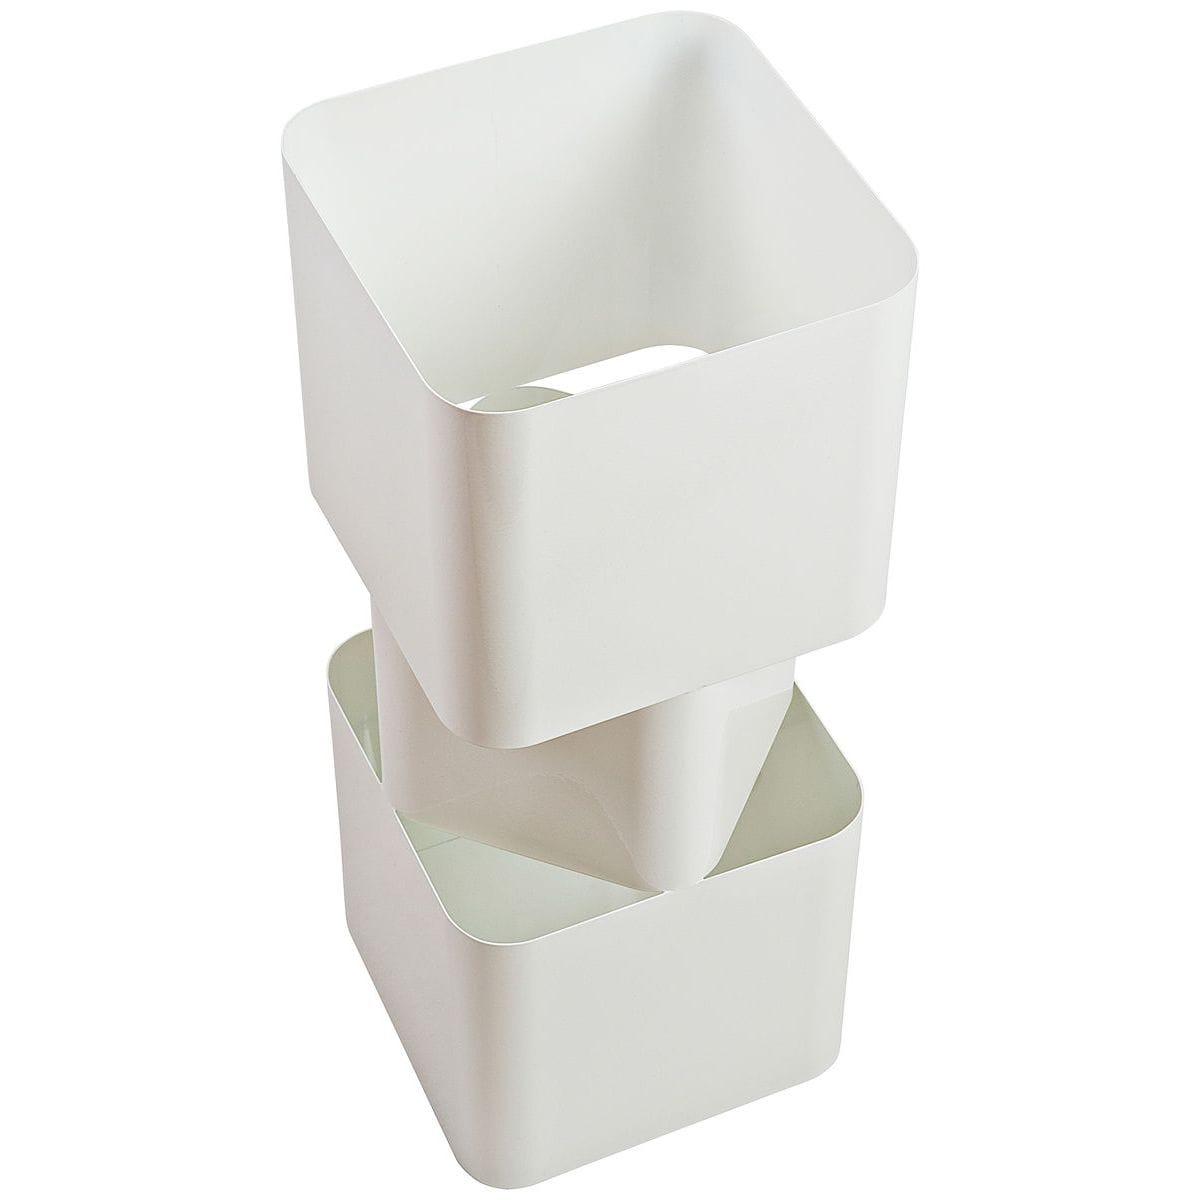 Portaombrelli in metallo biancoa forma di parallelepipedo sfasato